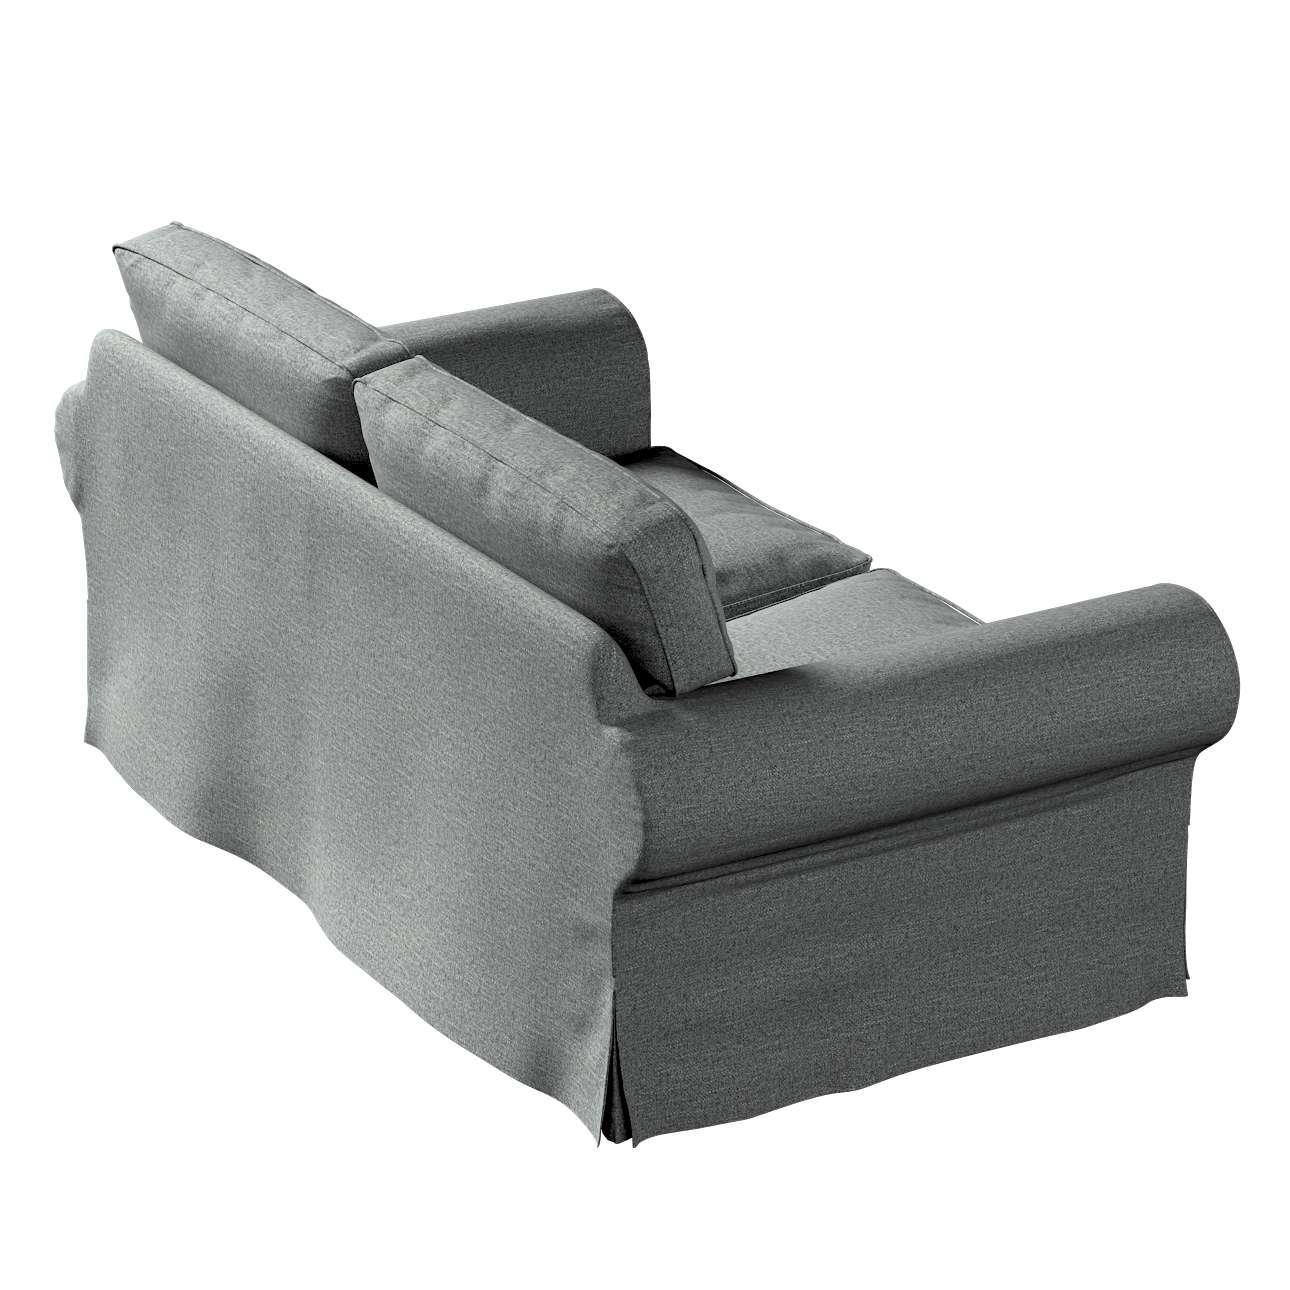 Pokrowiec na sofę Ektorp 2-osobową, nierozkładaną w kolekcji Madrid, tkanina: 161-24